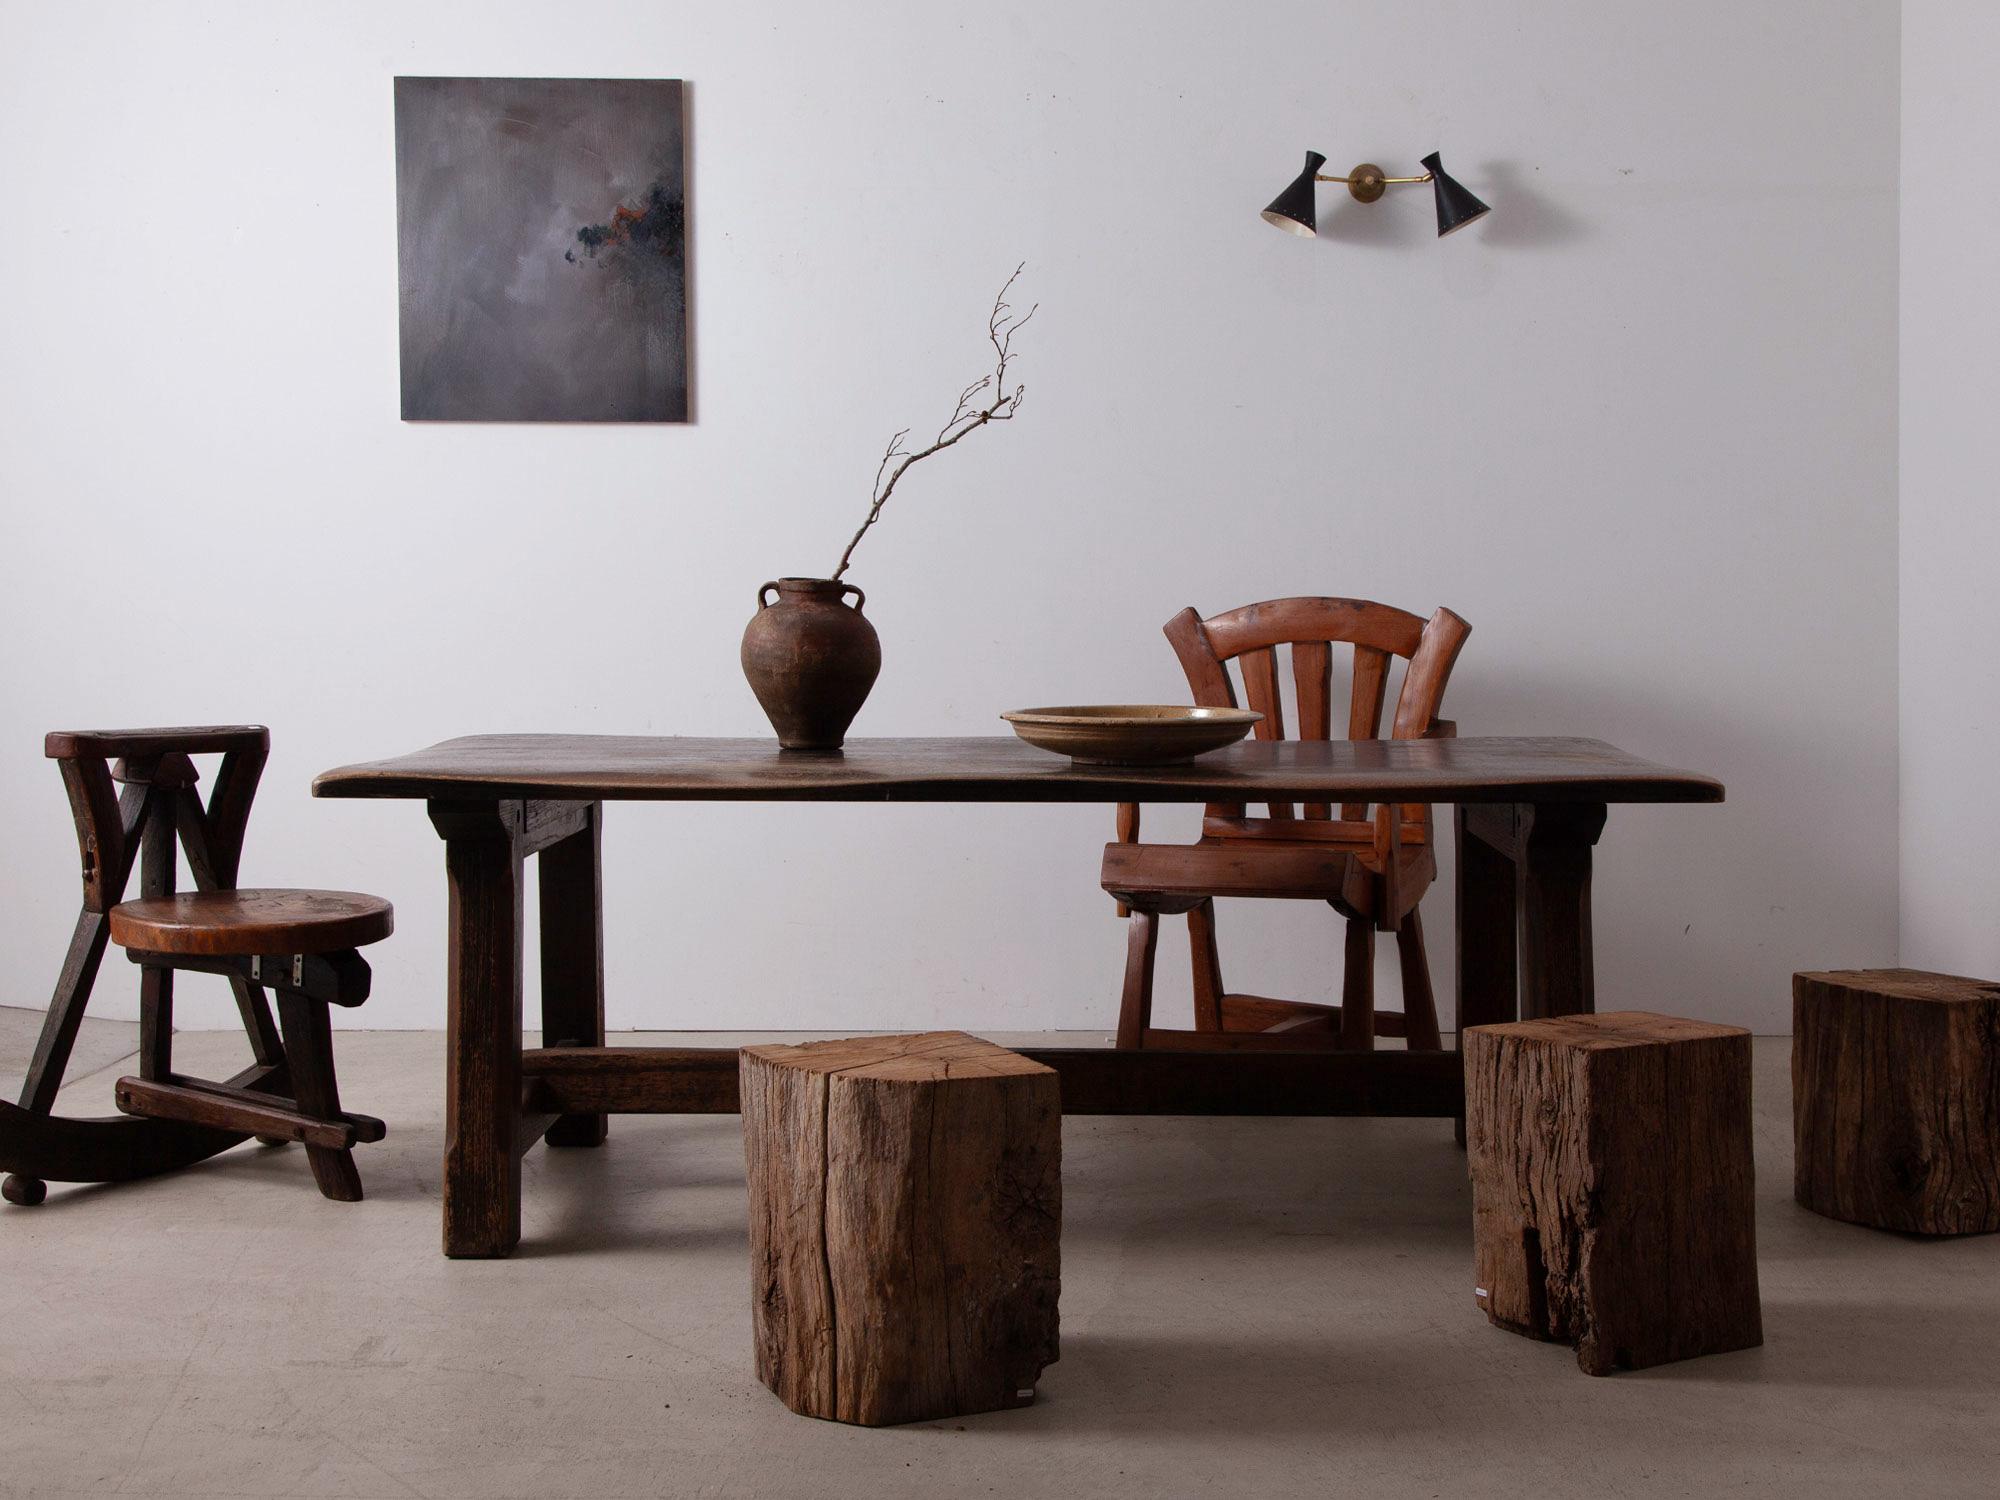 antique,vintage,ヴィンテージ,アンティーク家具,ヴィンテージ家具,アンティーク,stoop,清澄白河,art,空間デザイン,現代アート